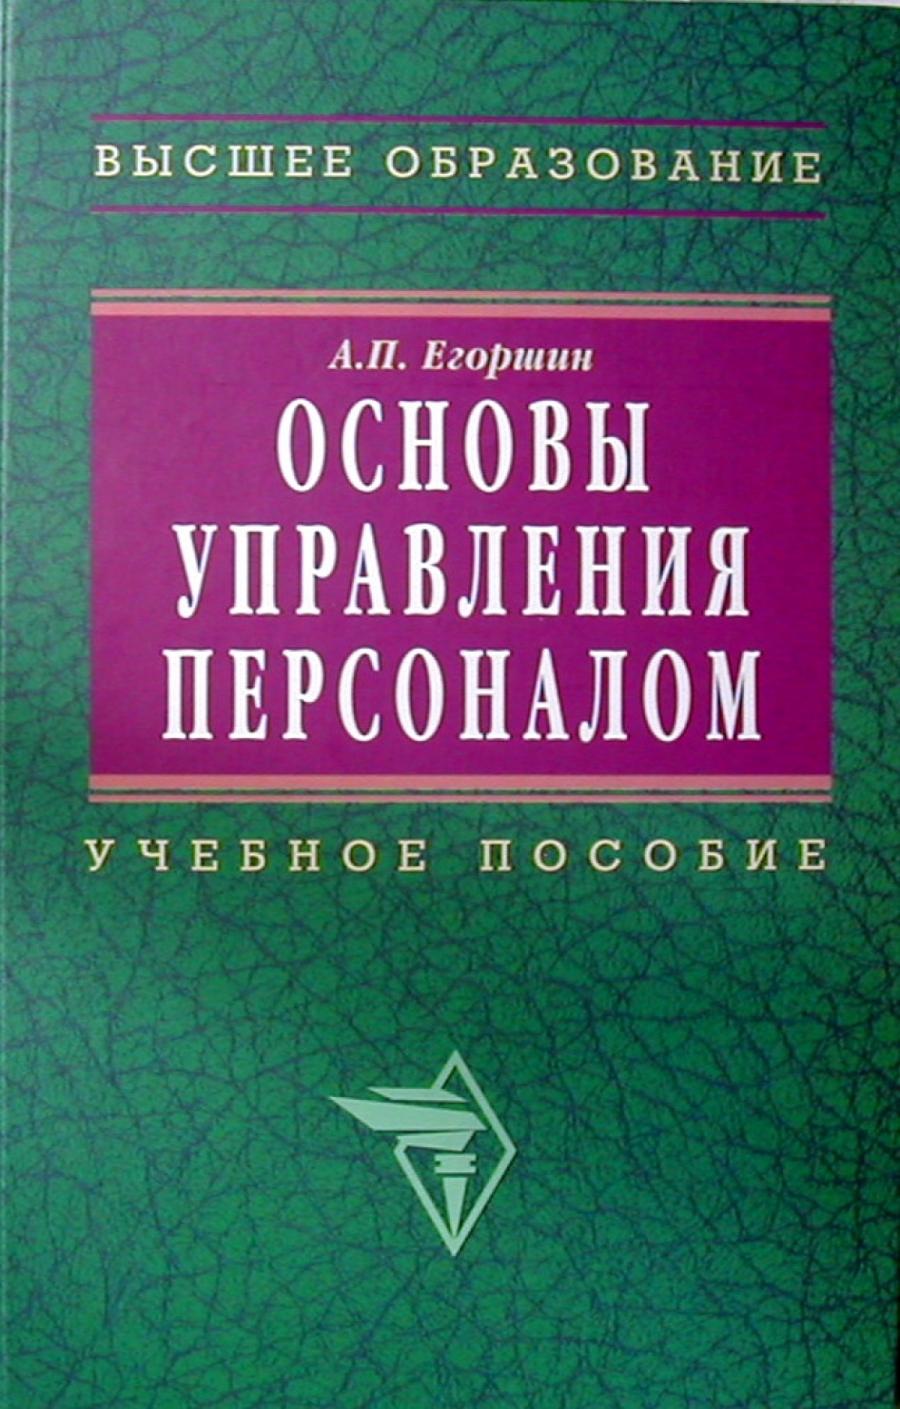 Обложка книги:  а.п. егоршин - управление персоналом